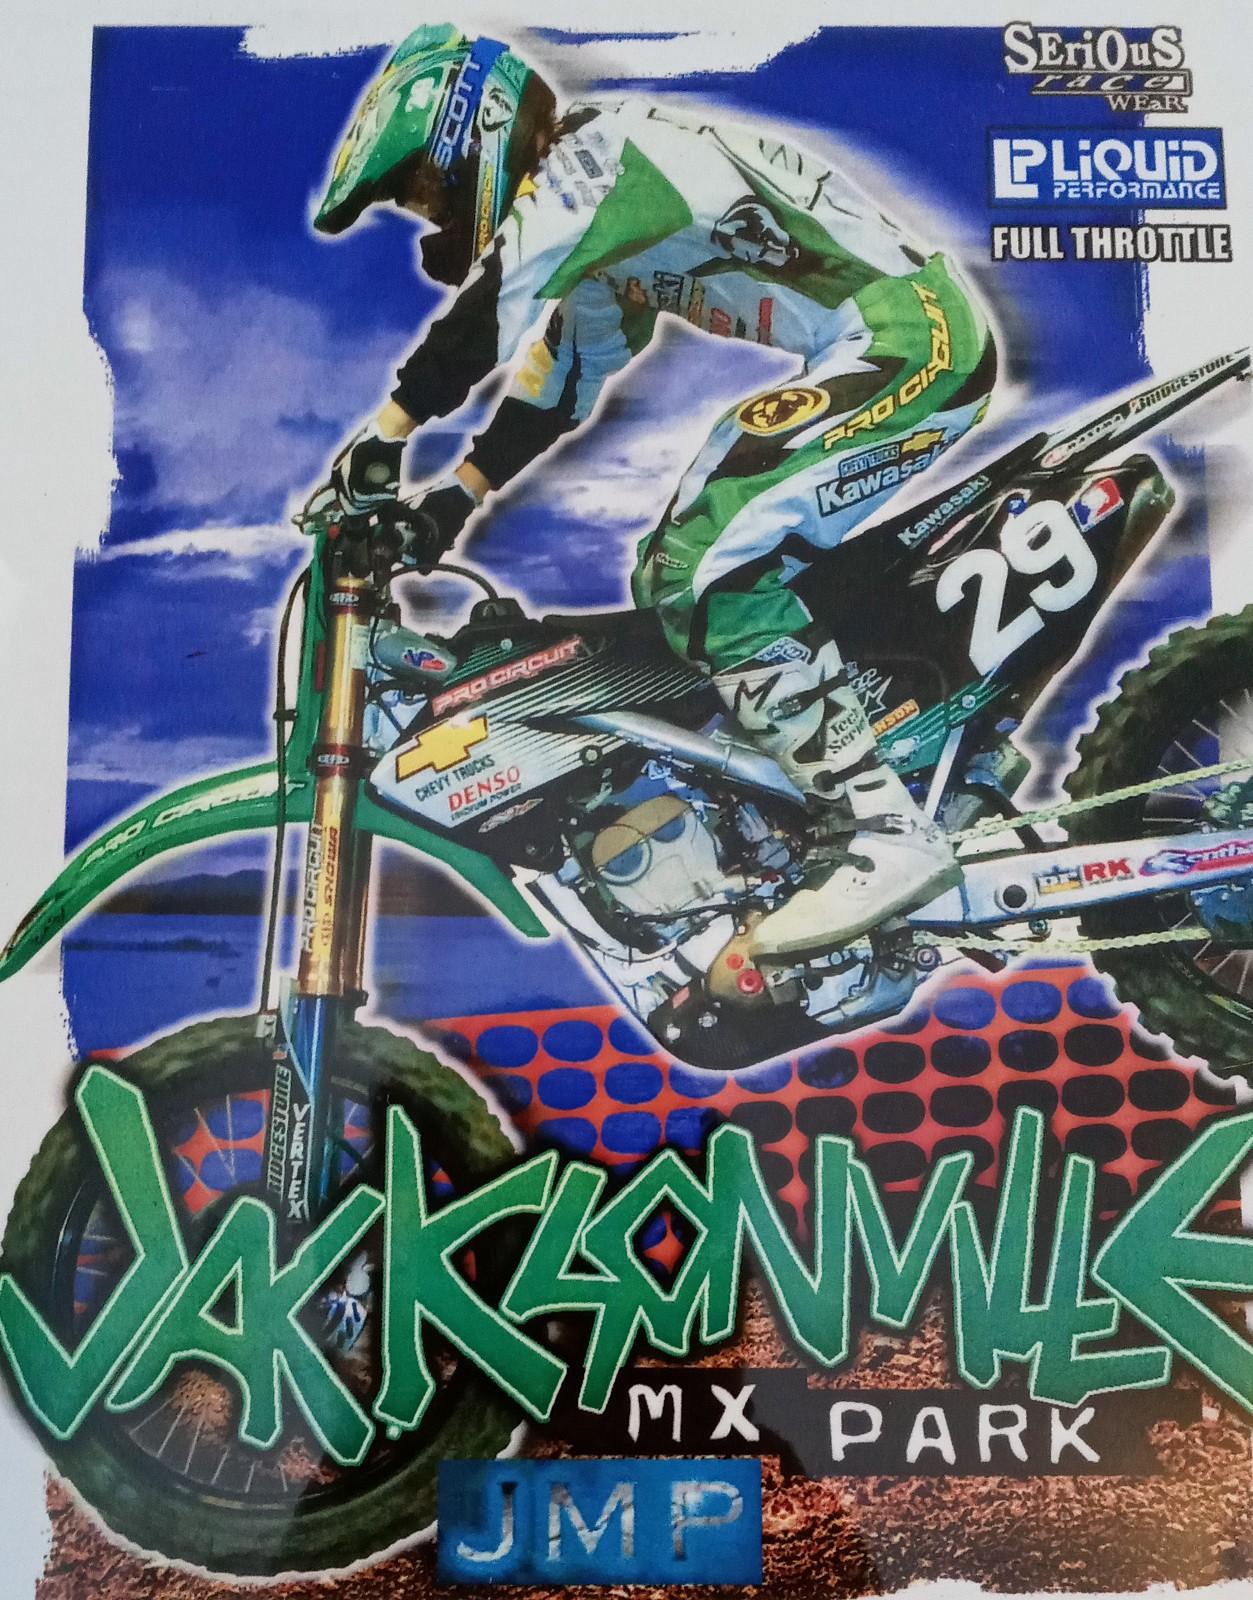 JMP - JMPJacksonville Motocross Park - Motocross Pictures - Vital MX